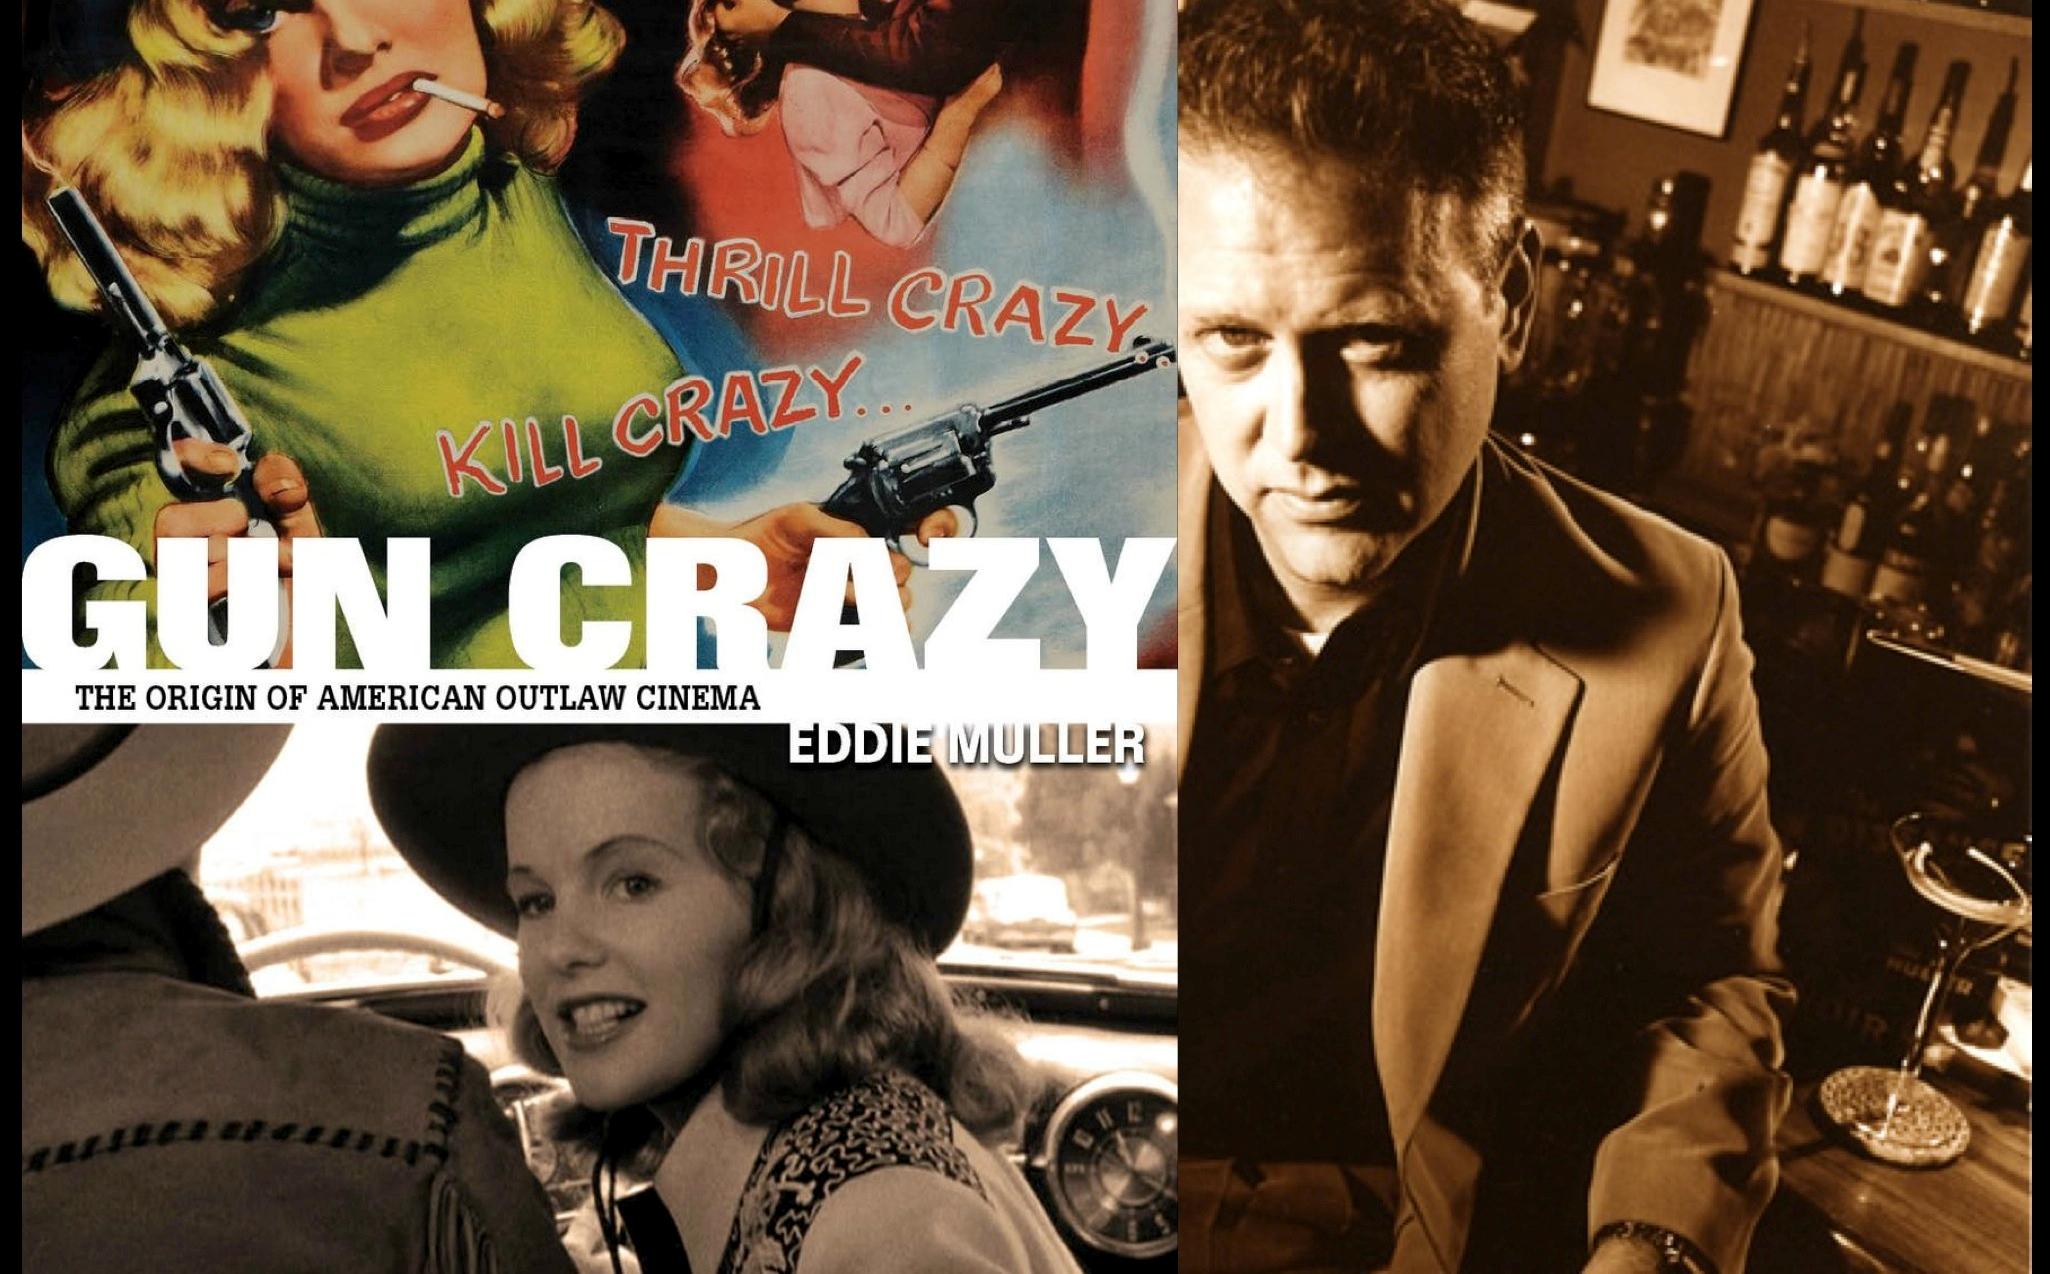 GUN CRAZY introduced by author Eddie Muller